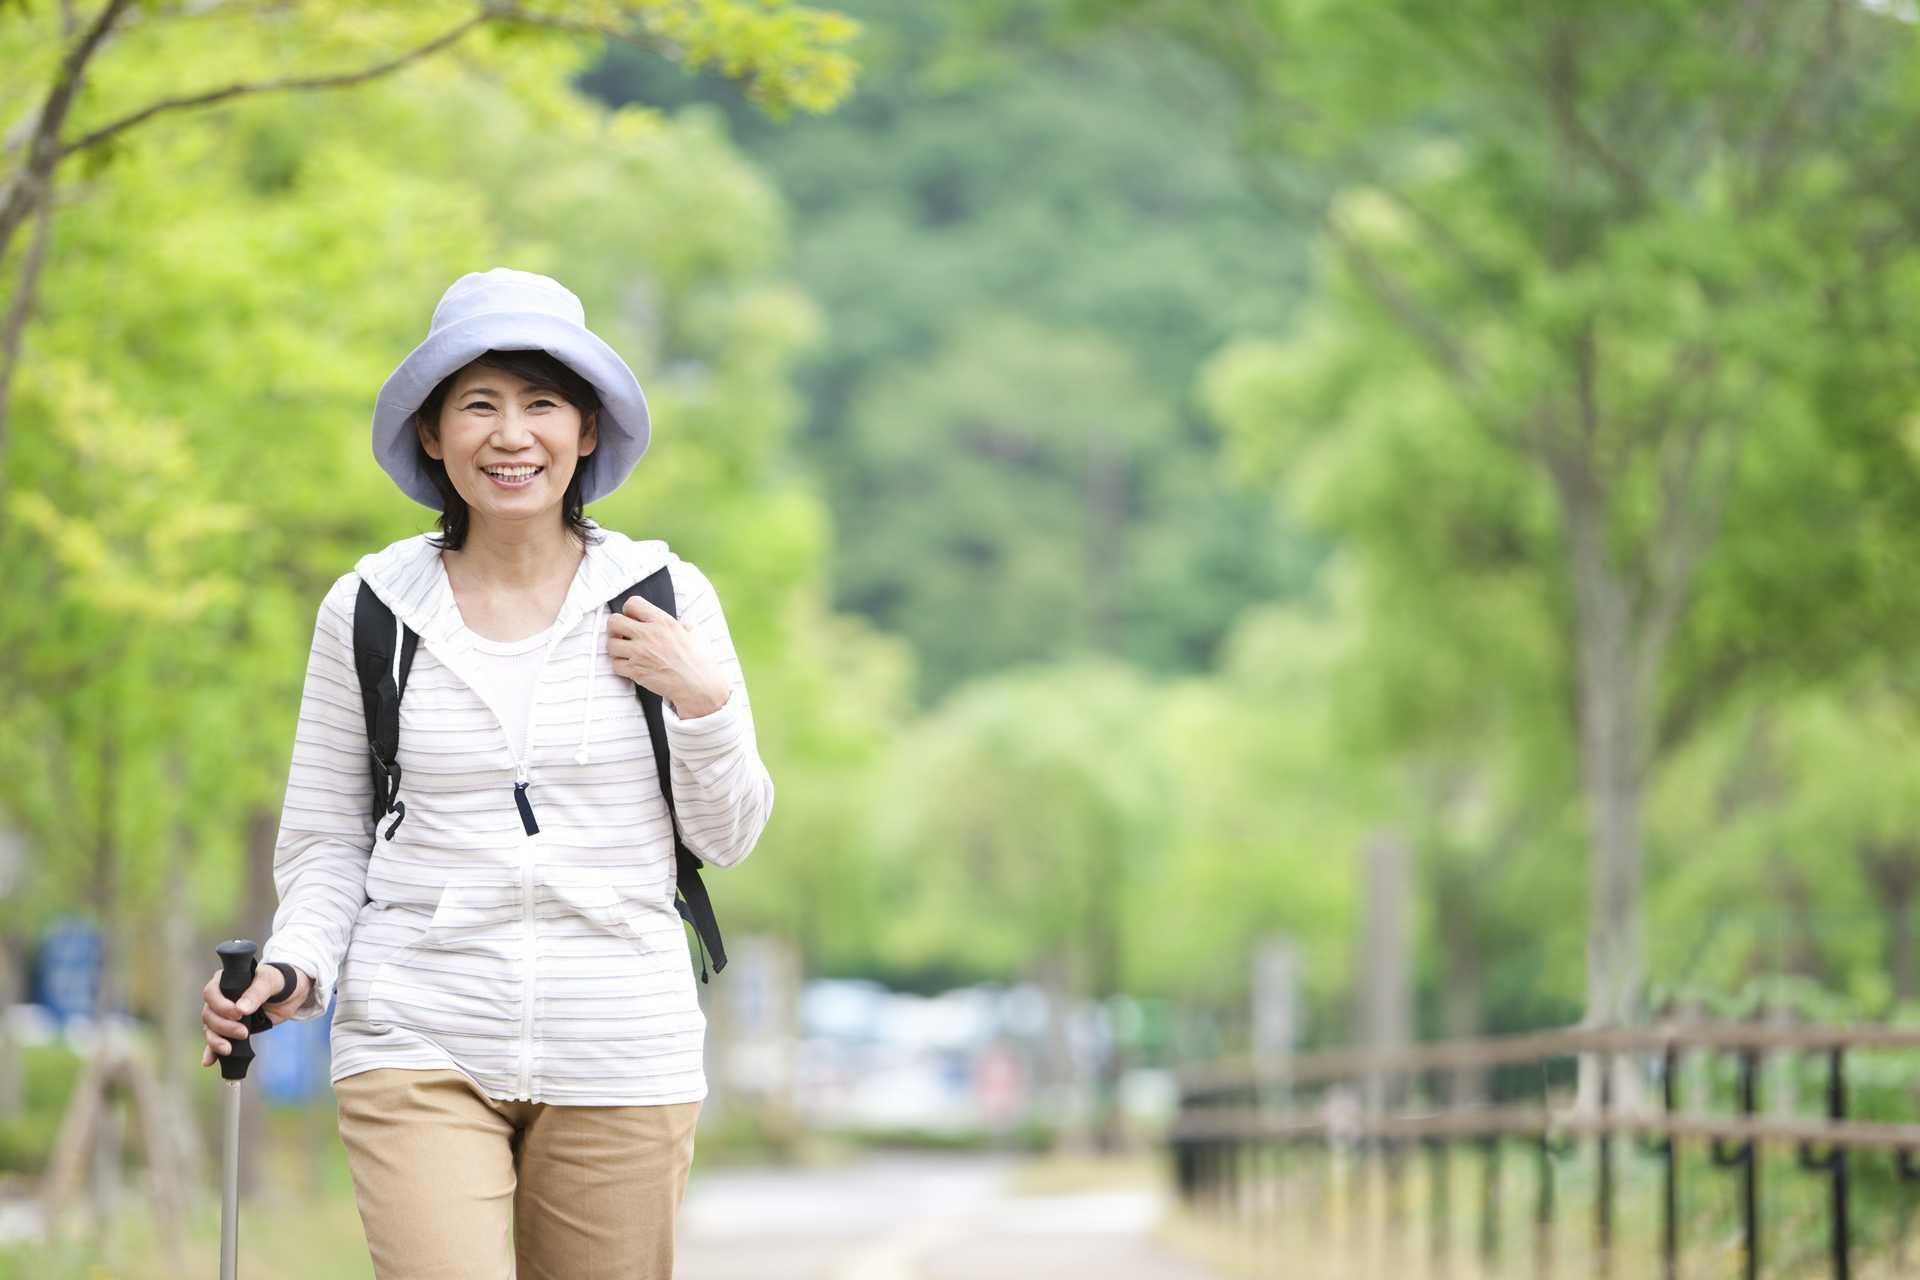 無理をしてまで歩かないのが、楽しく散歩を続けるコツ。 | 散歩の楽しみ方に気づく30のポイント